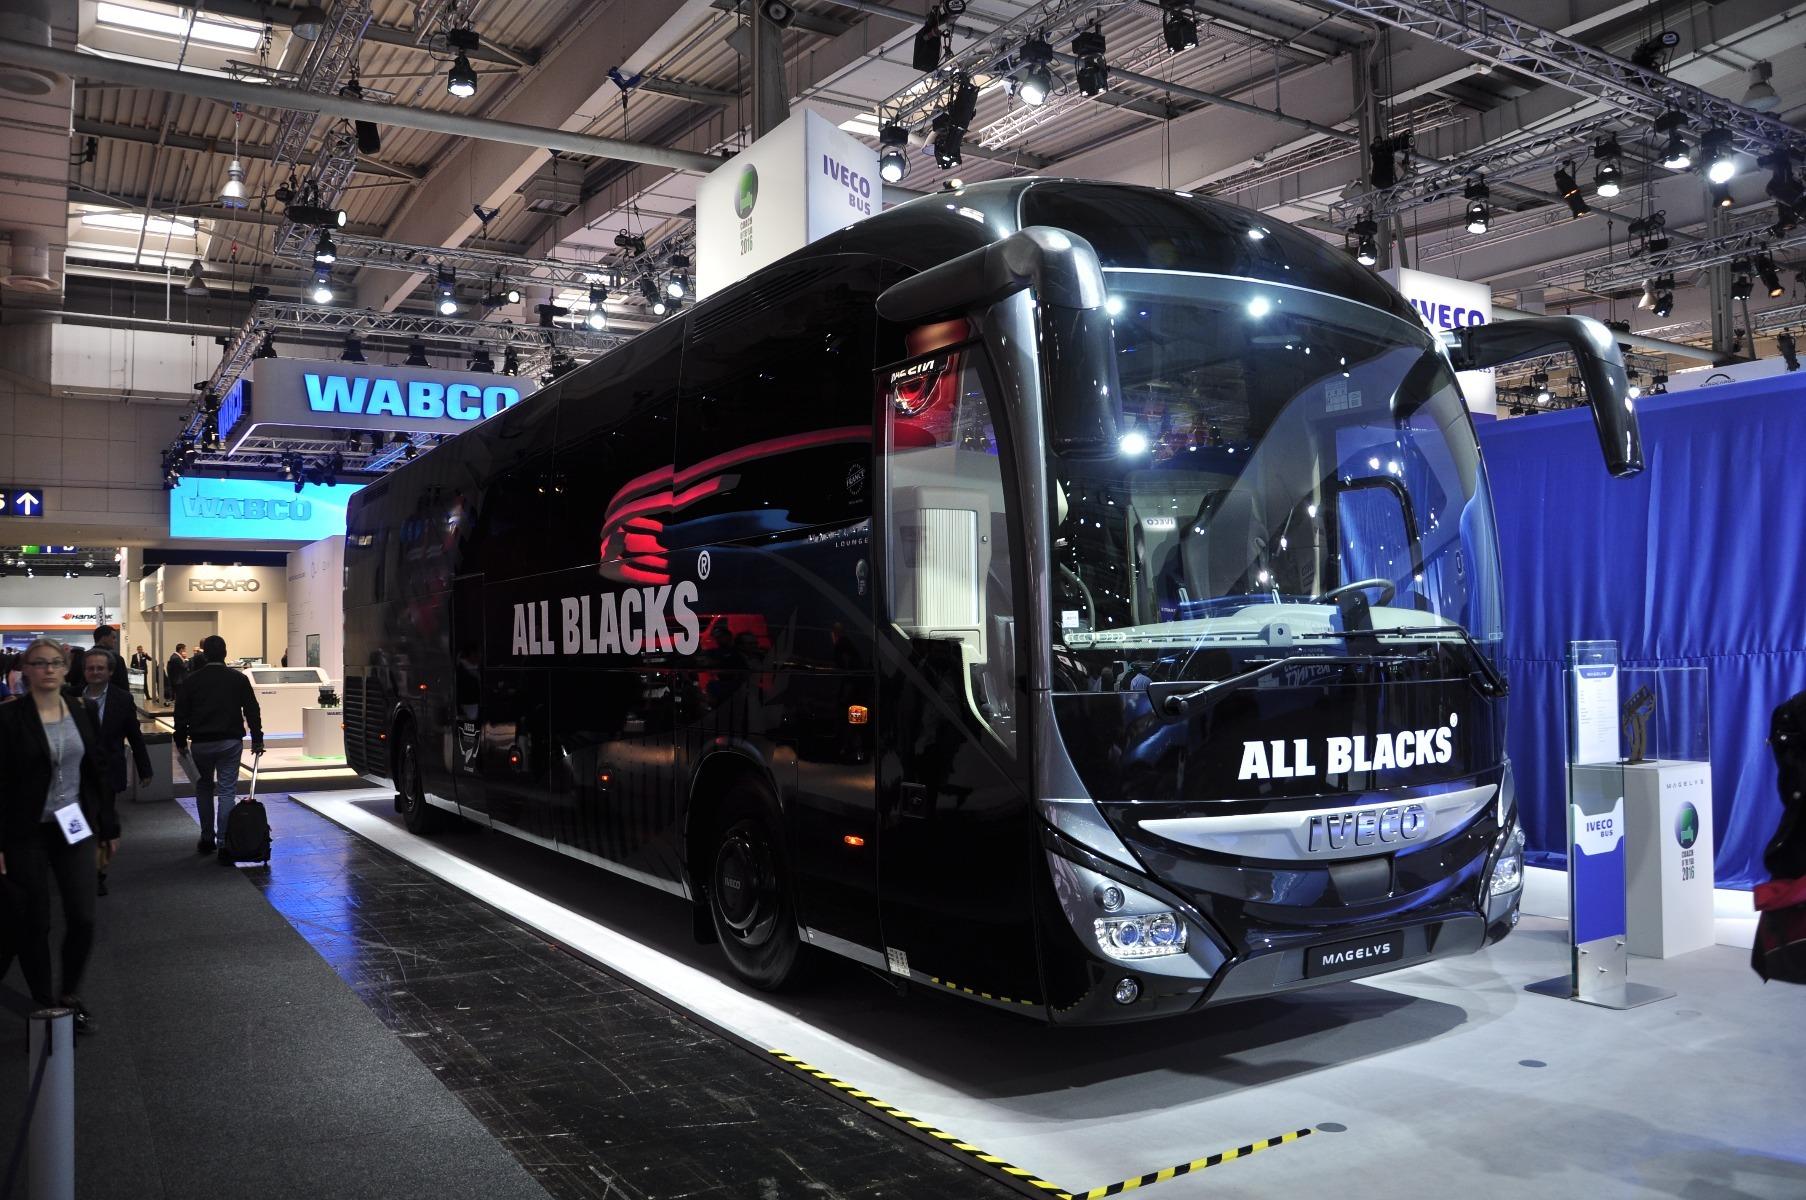 A 2016-os Év Autóbusza díjjal kitüntetett IVECO Magelys All Blacks kivitelben díszelgett a standon